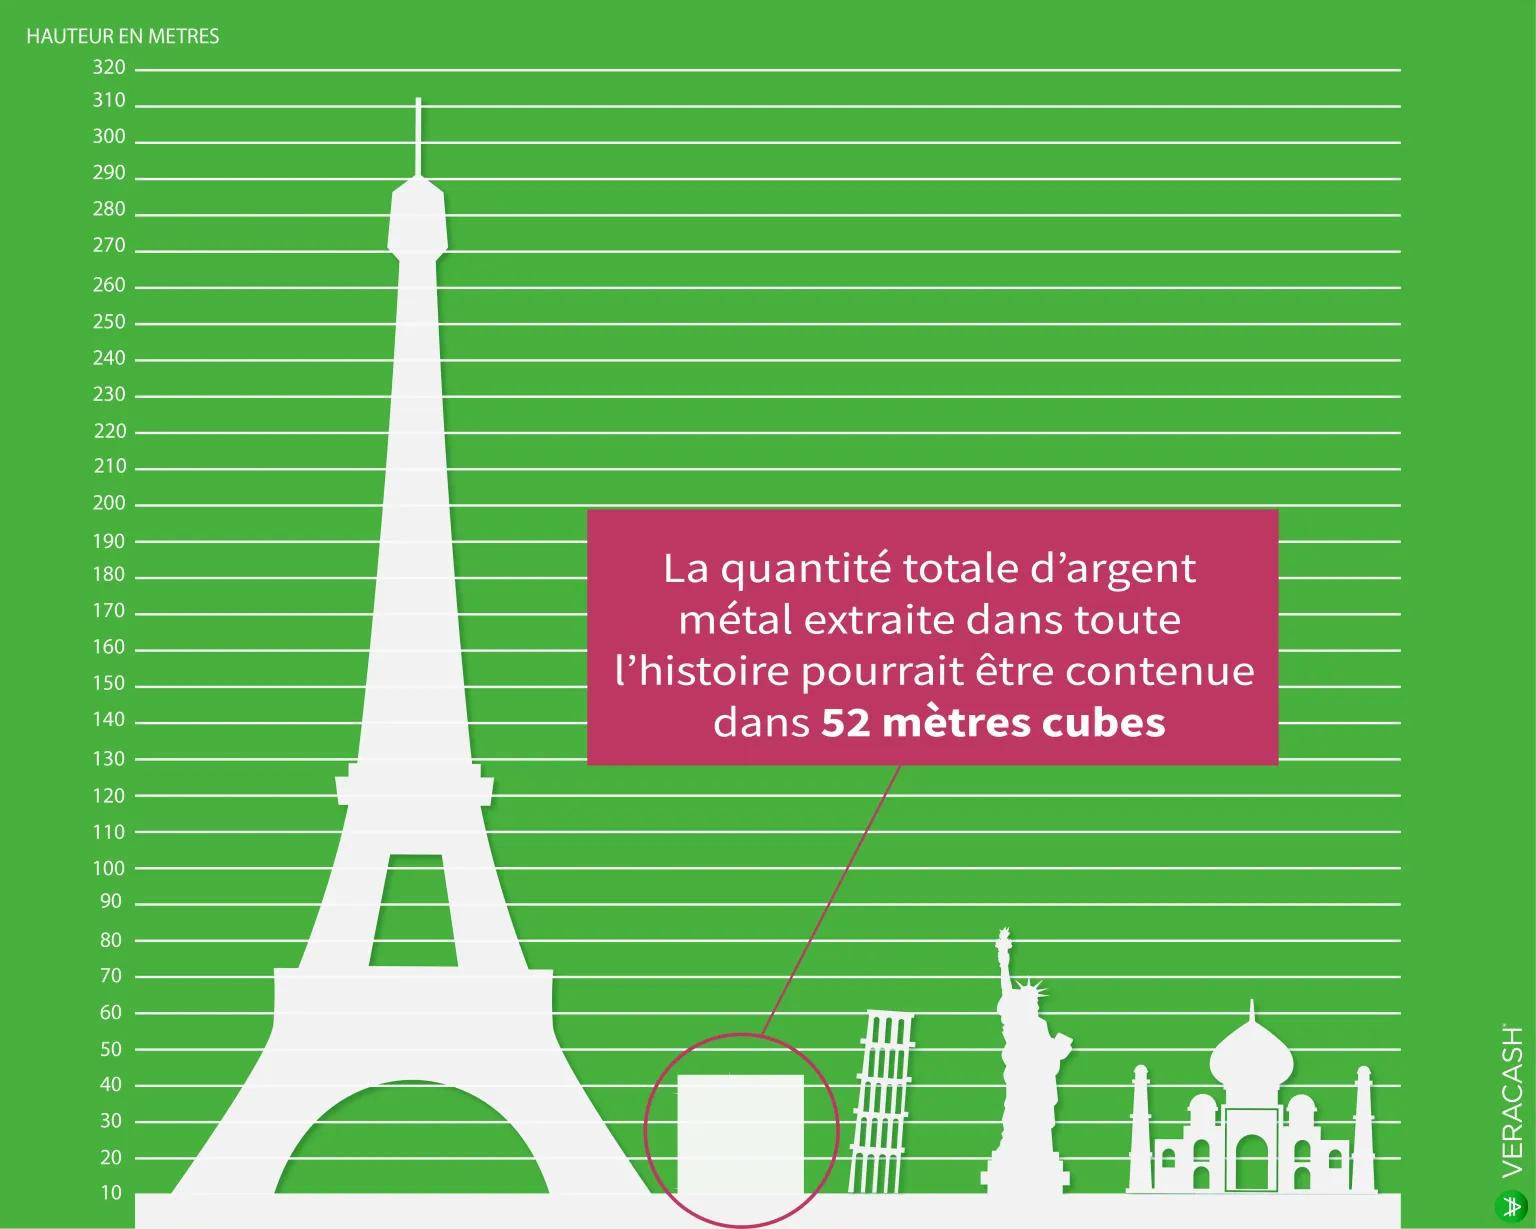 illustration montrant que la quantité d'argent métal extraite dans toute l'histoire entre dans un cube de 52 m3